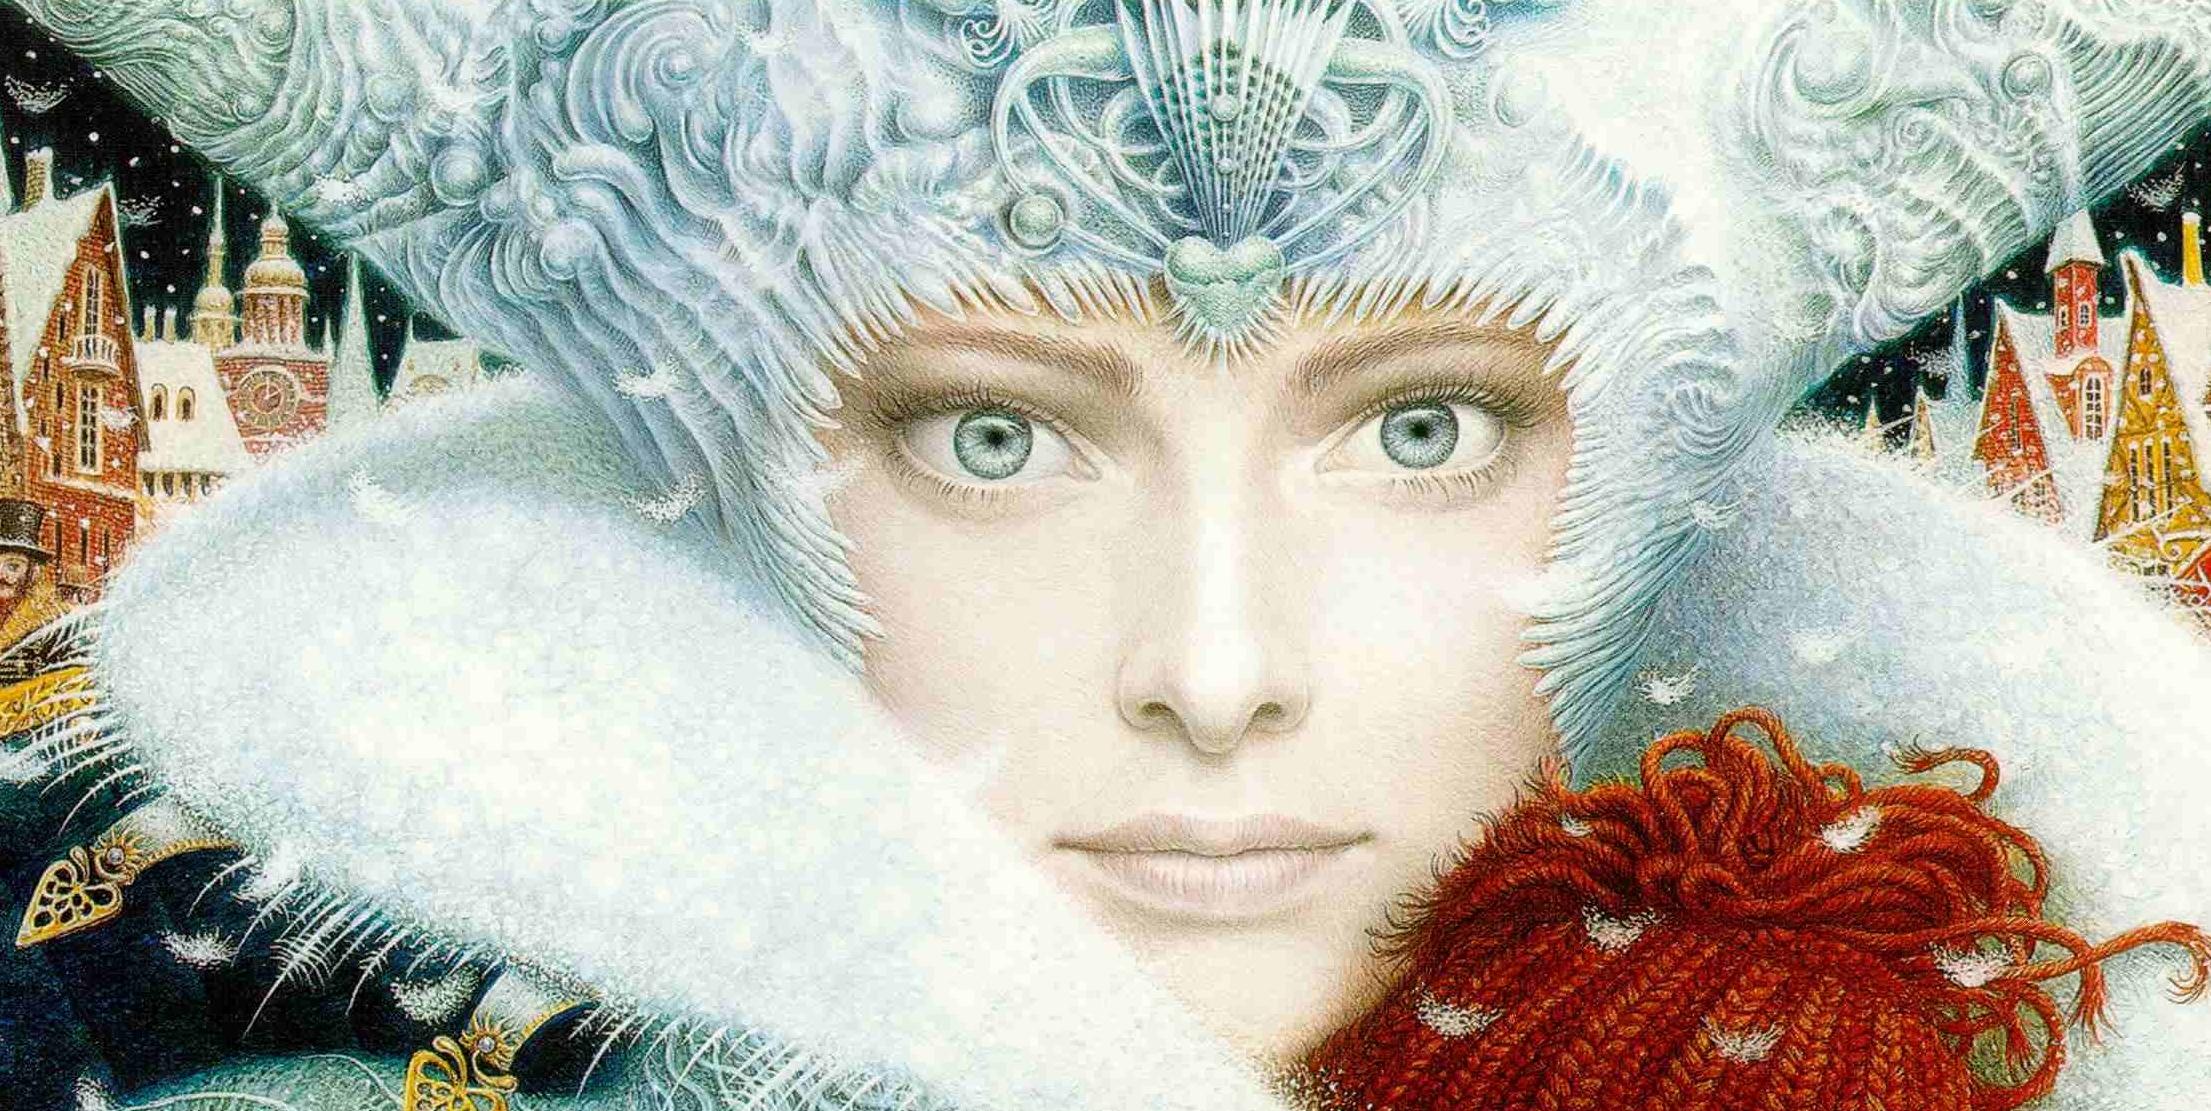 картинки иллюстрации к сказке снежная королева